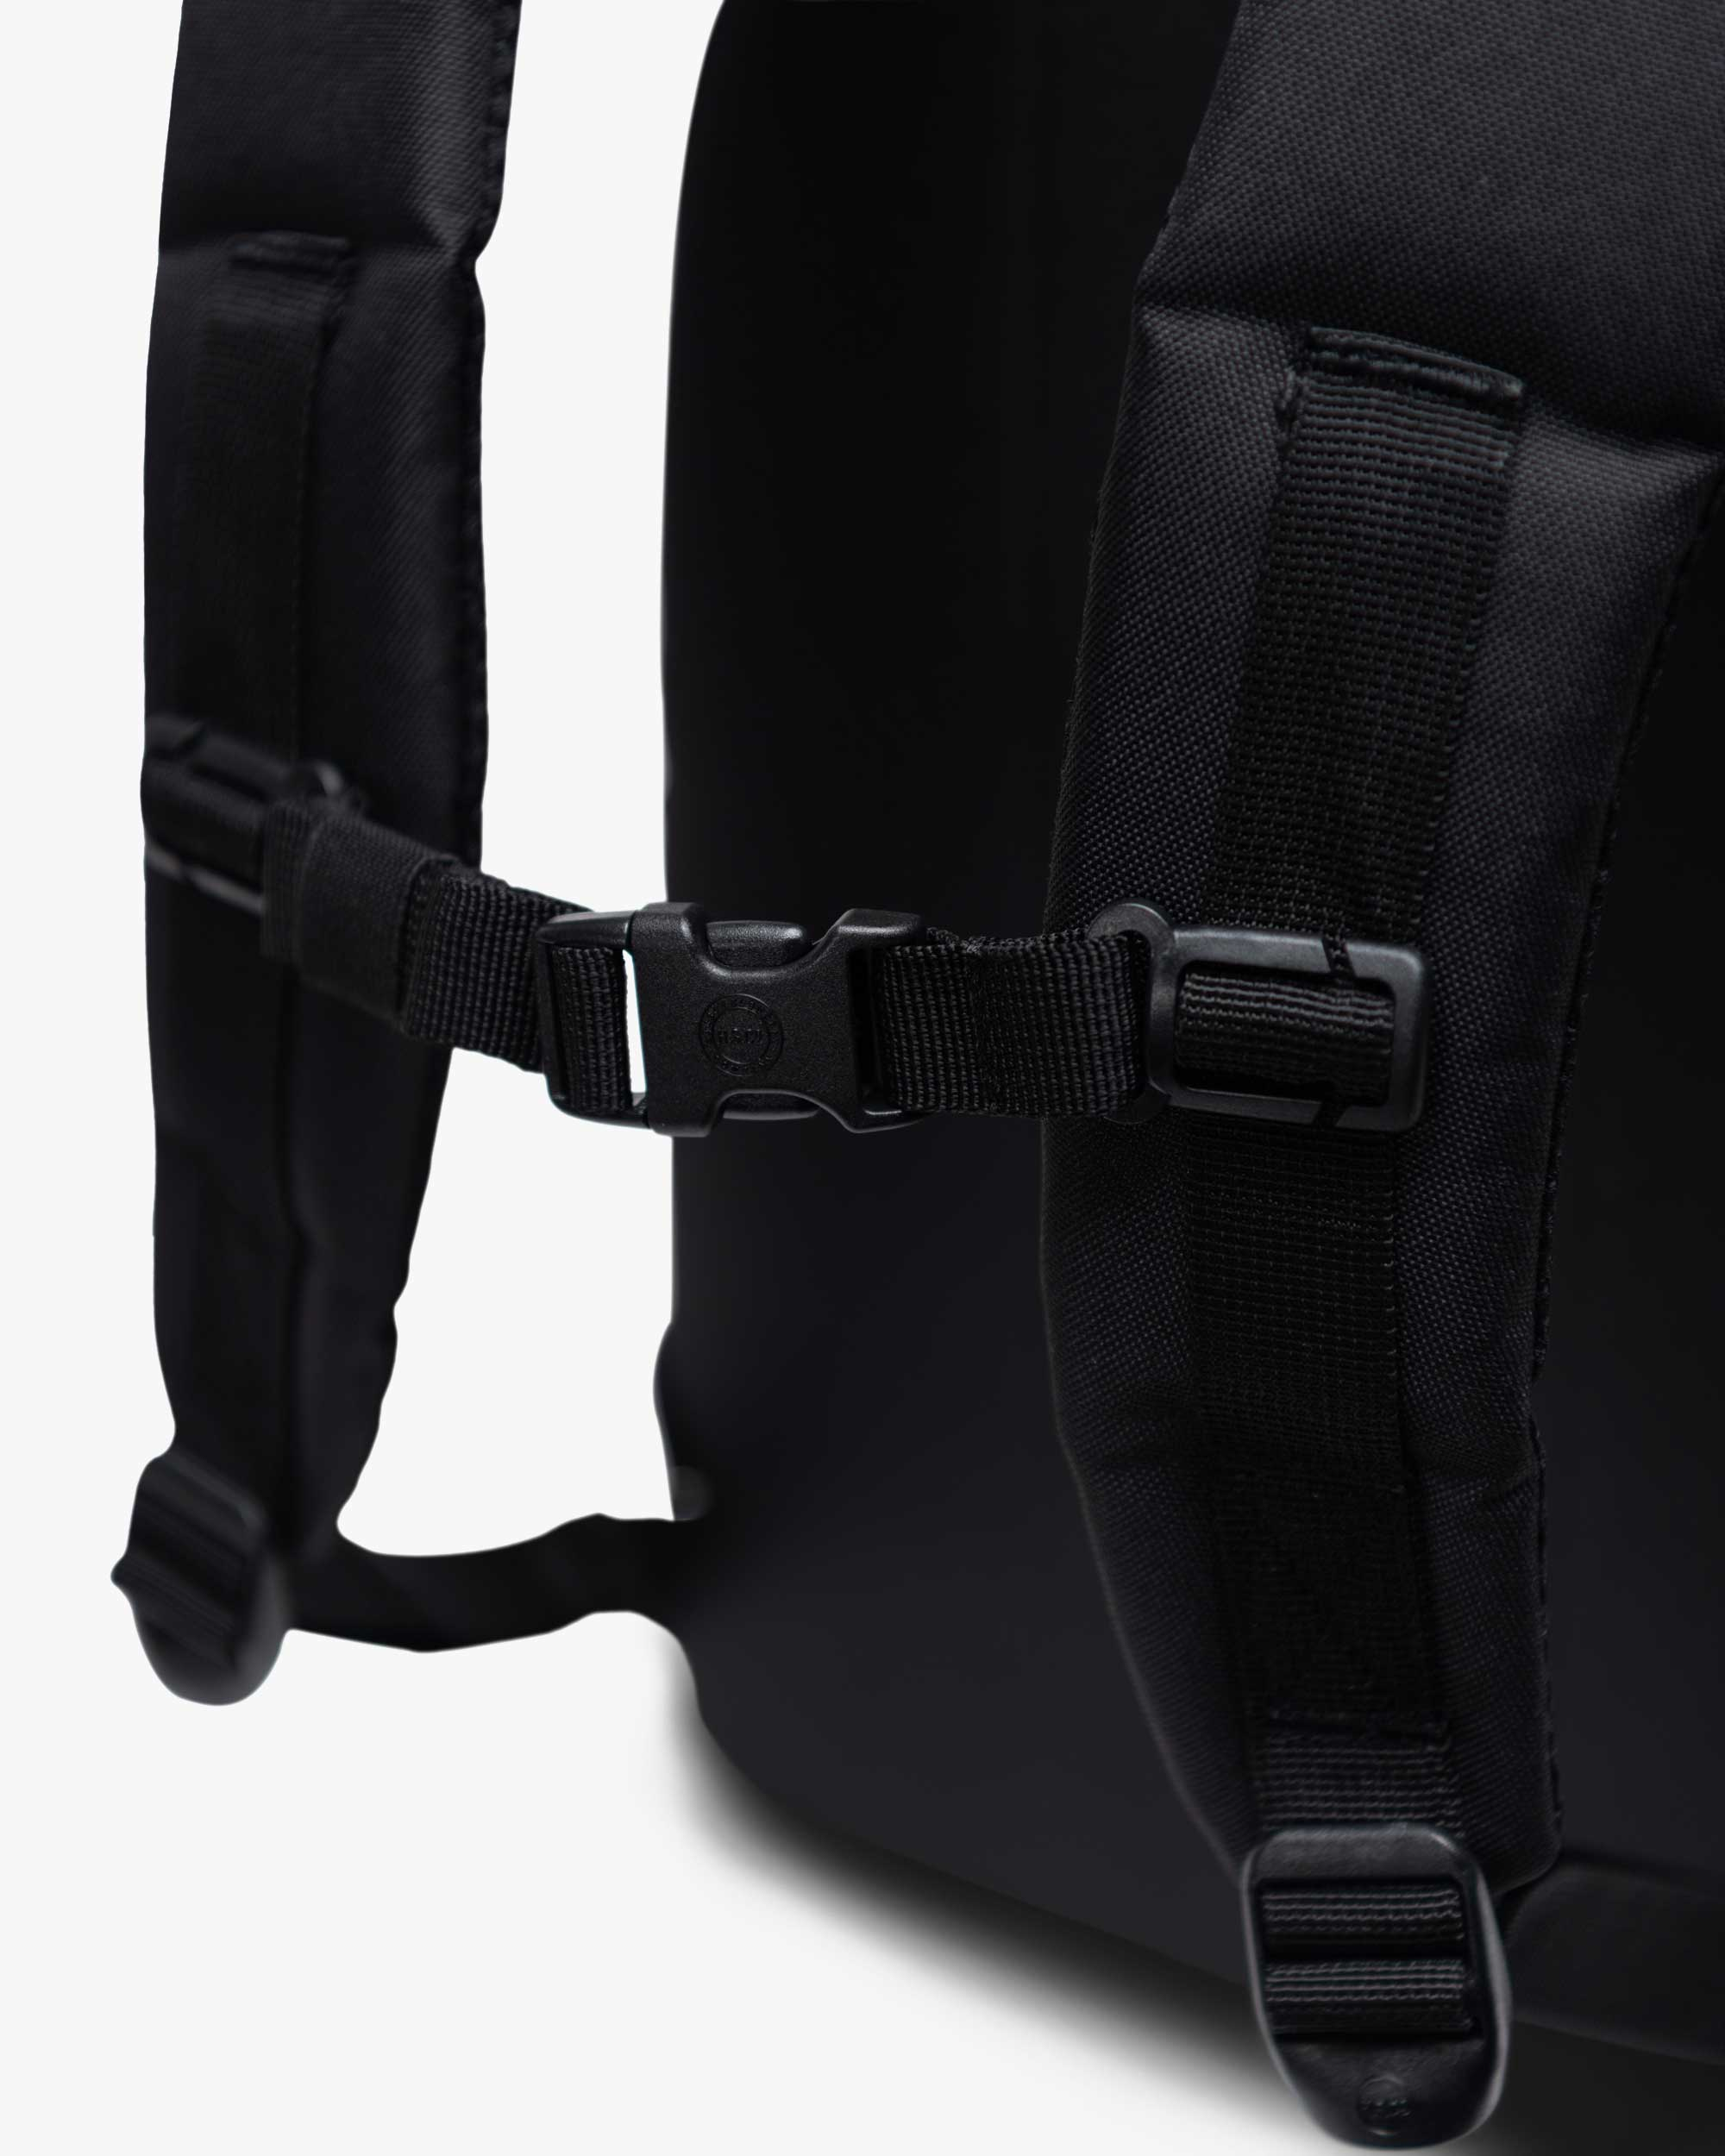 Bretelles en maille respirante pour un transport confortable